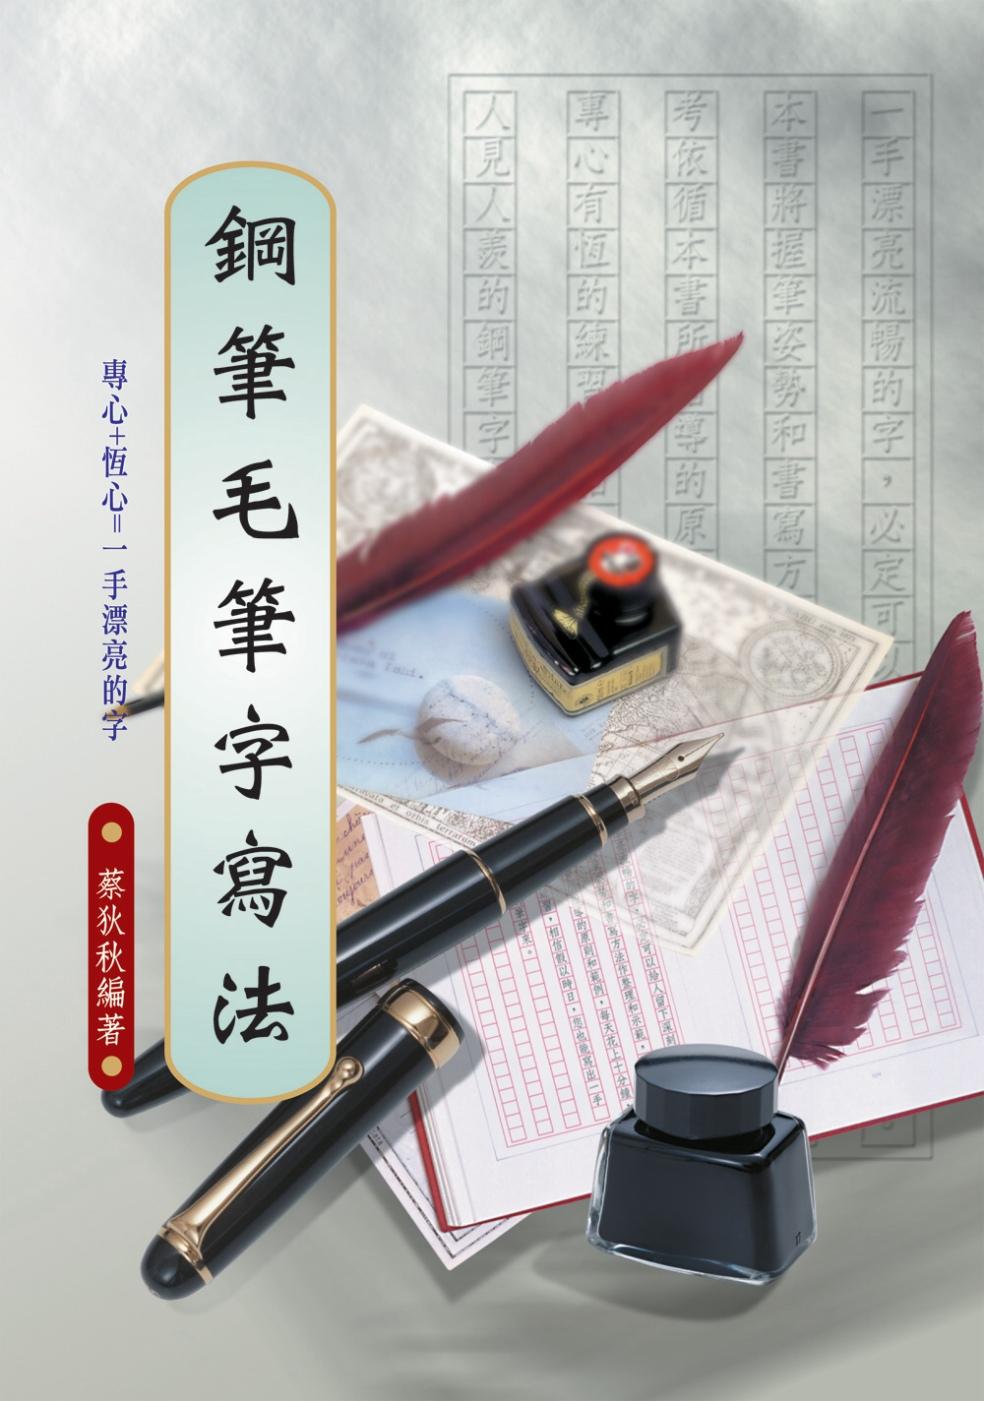 鋼筆毛筆字寫法